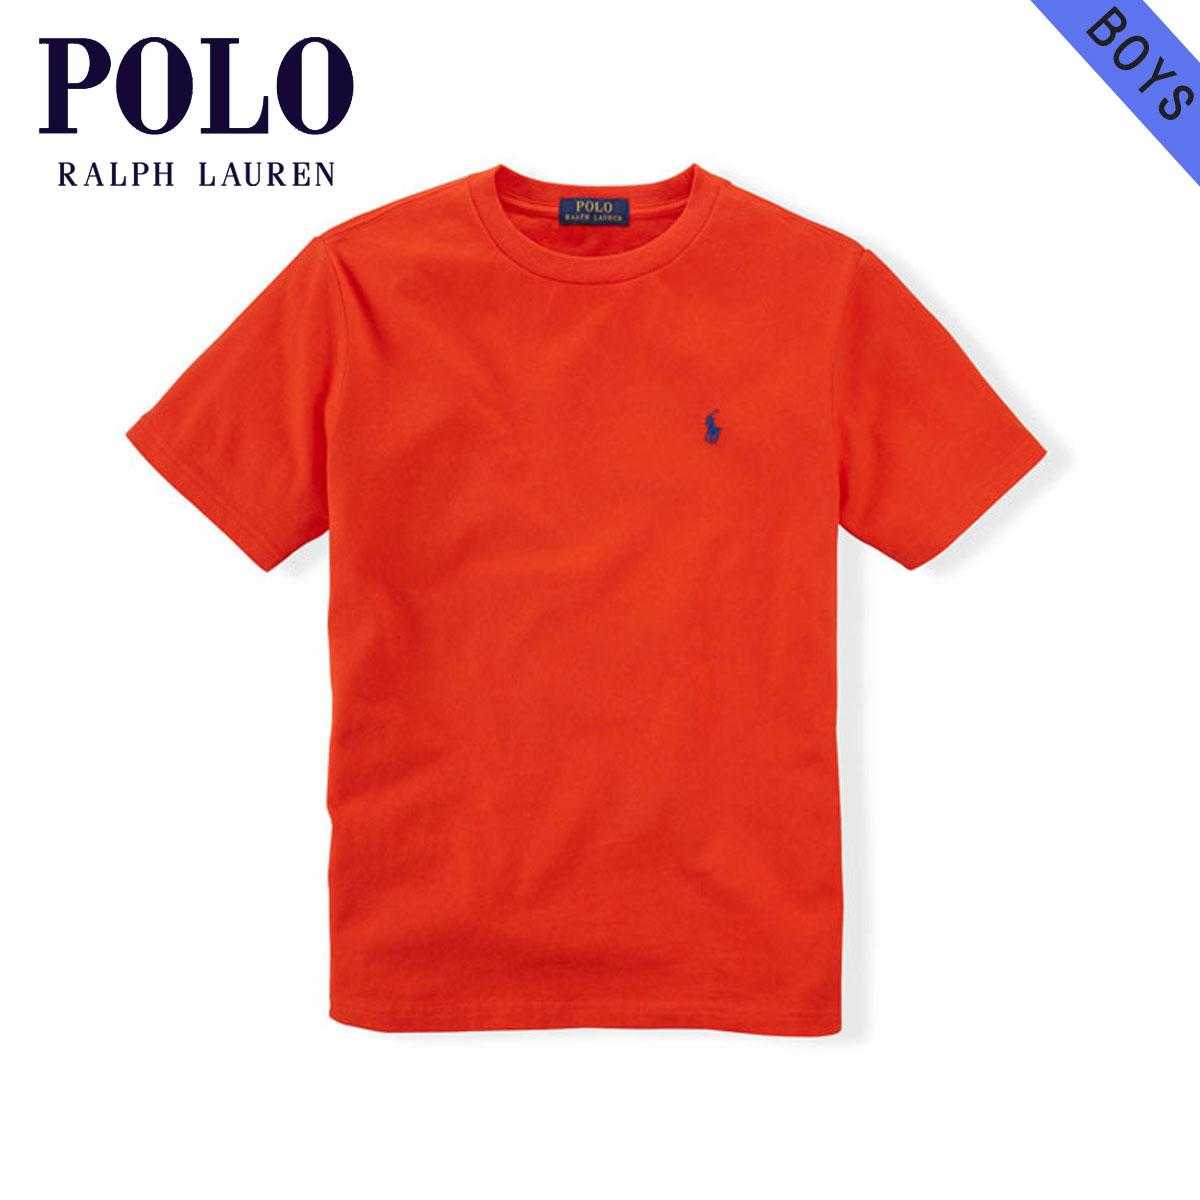 ポロ ラルフローレン キッズ POLO RALPH LAUREN CHILDREN 正規品 子供服 ボーイズ 半袖Tシャツ COTTON SHORT-SLEEVED CREW TEE 65354106 D00S20